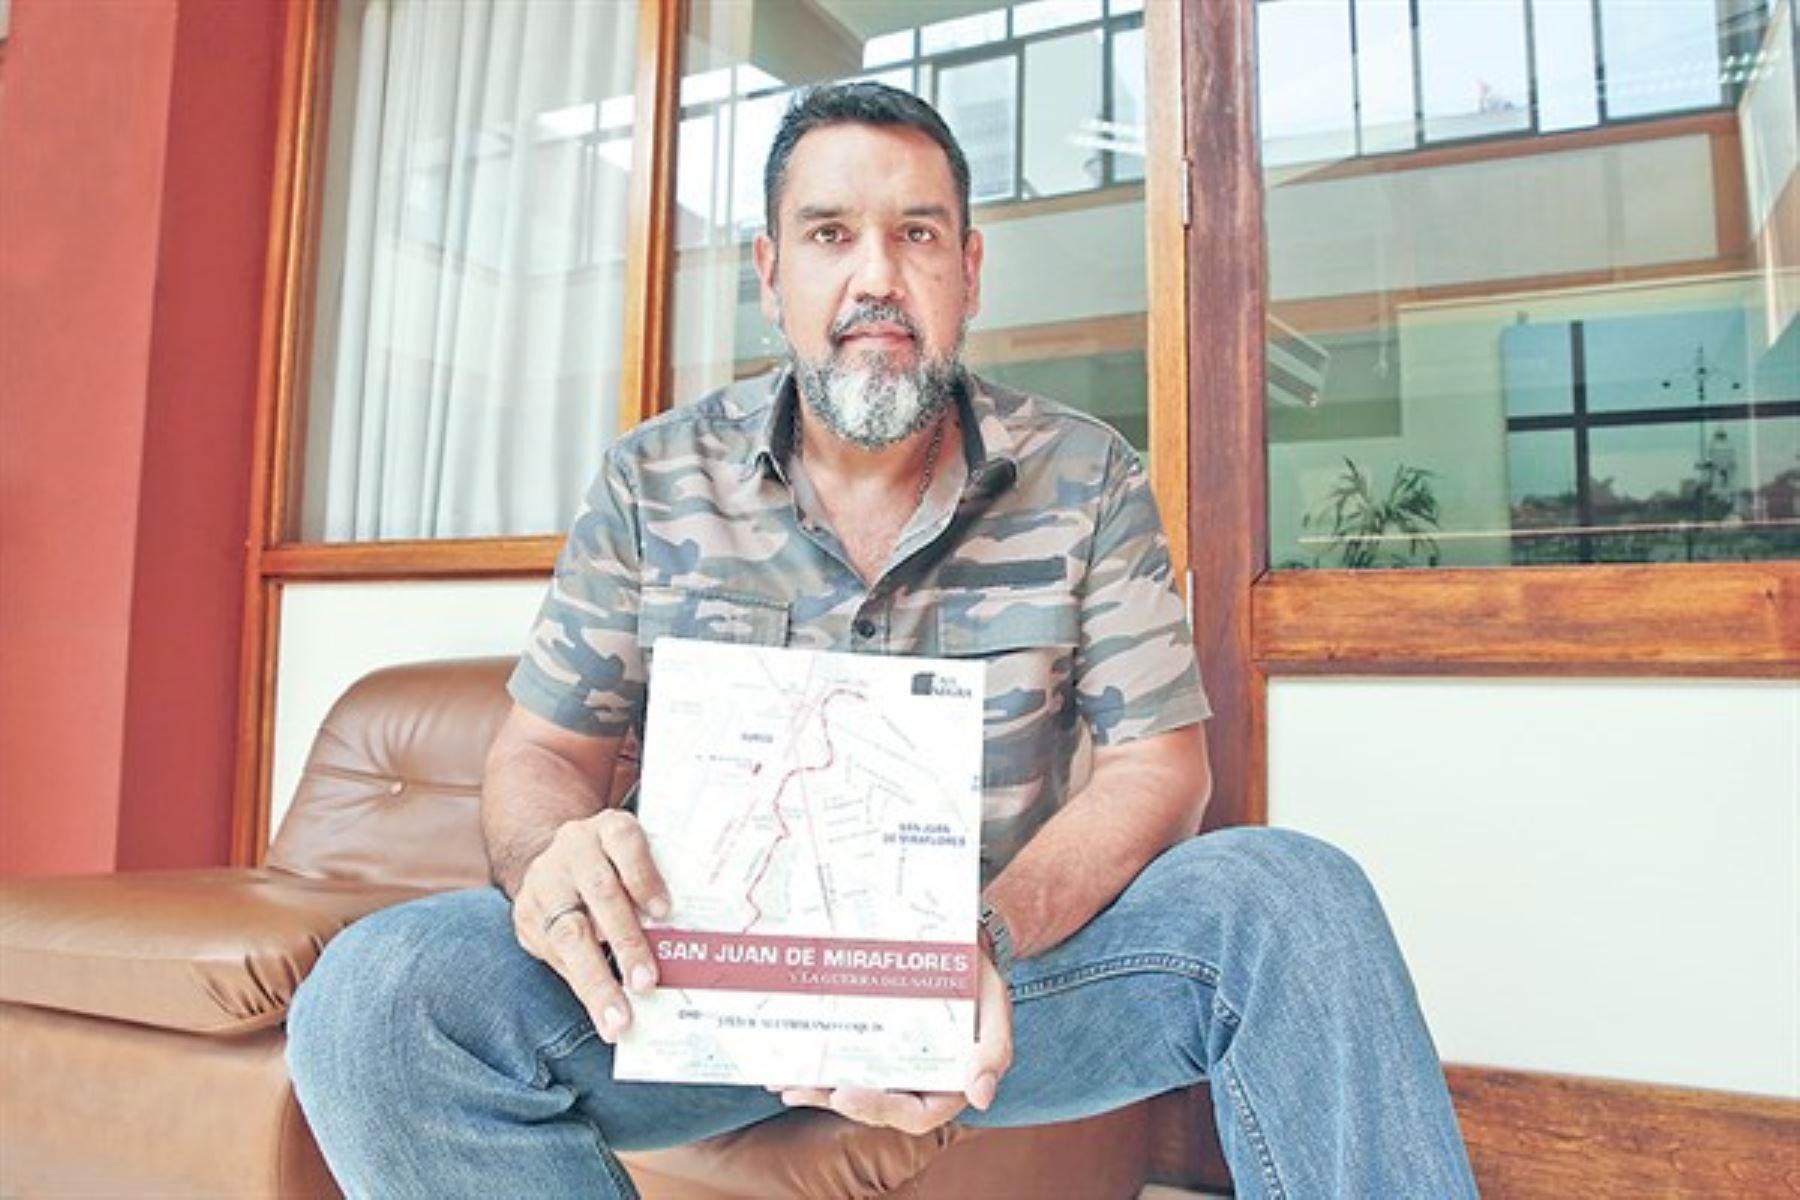 """Javier Altamirano y su libro """"San Juan de Miraflores y la Guerra del Salitre""""."""